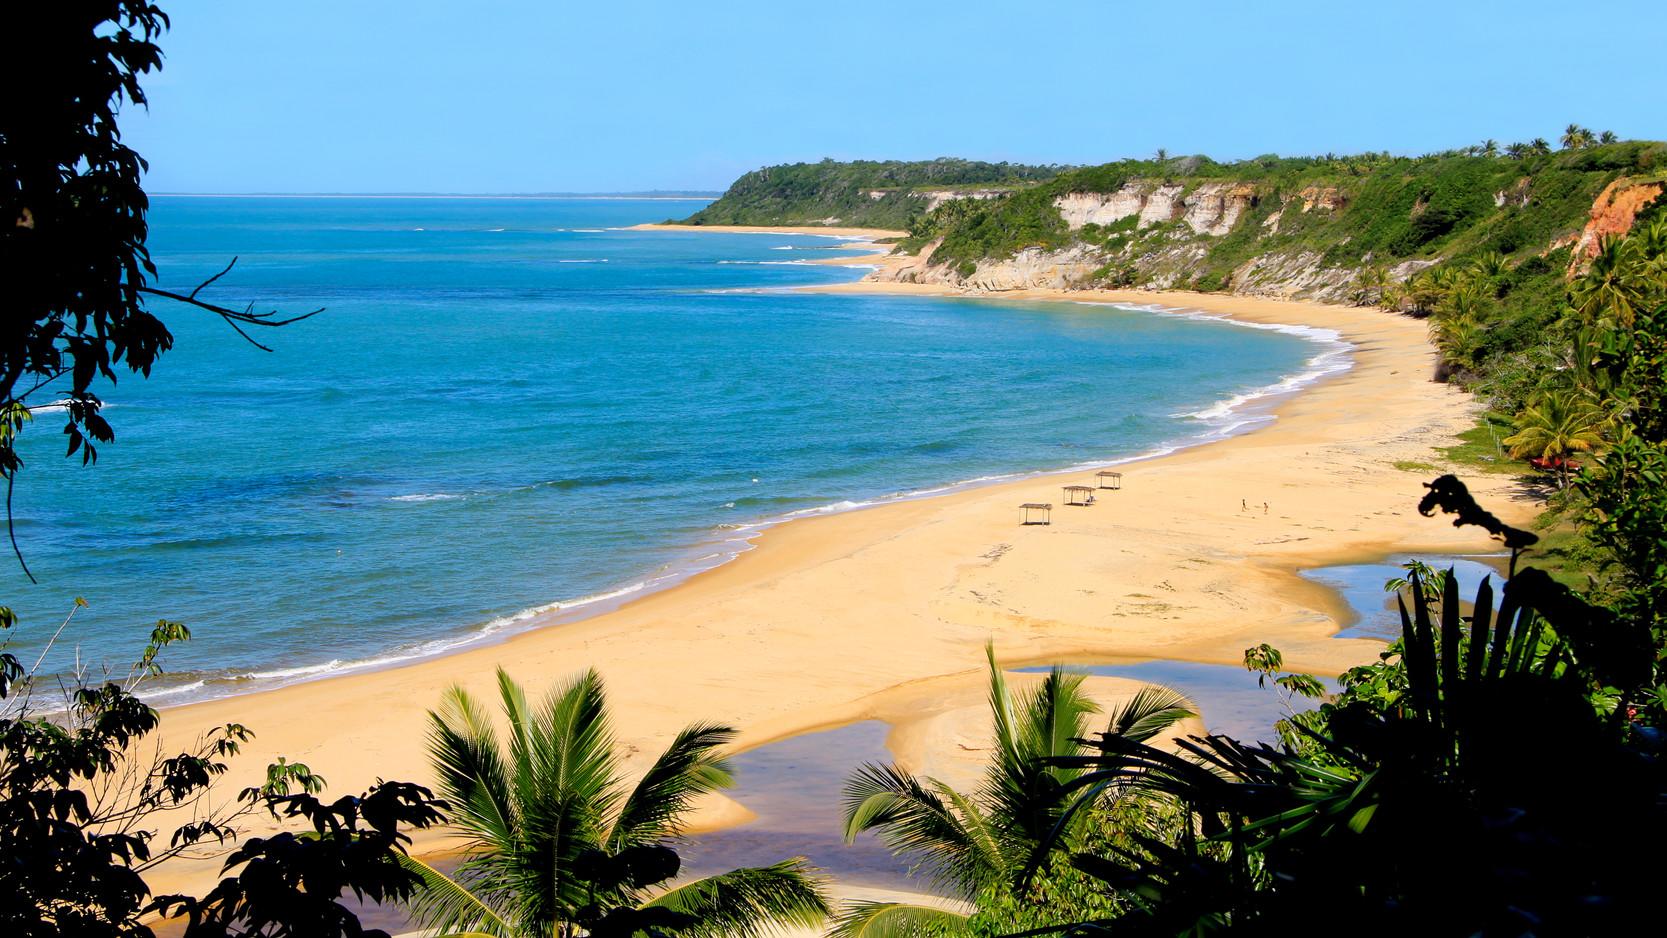 BRAZIL - TRANCOSO